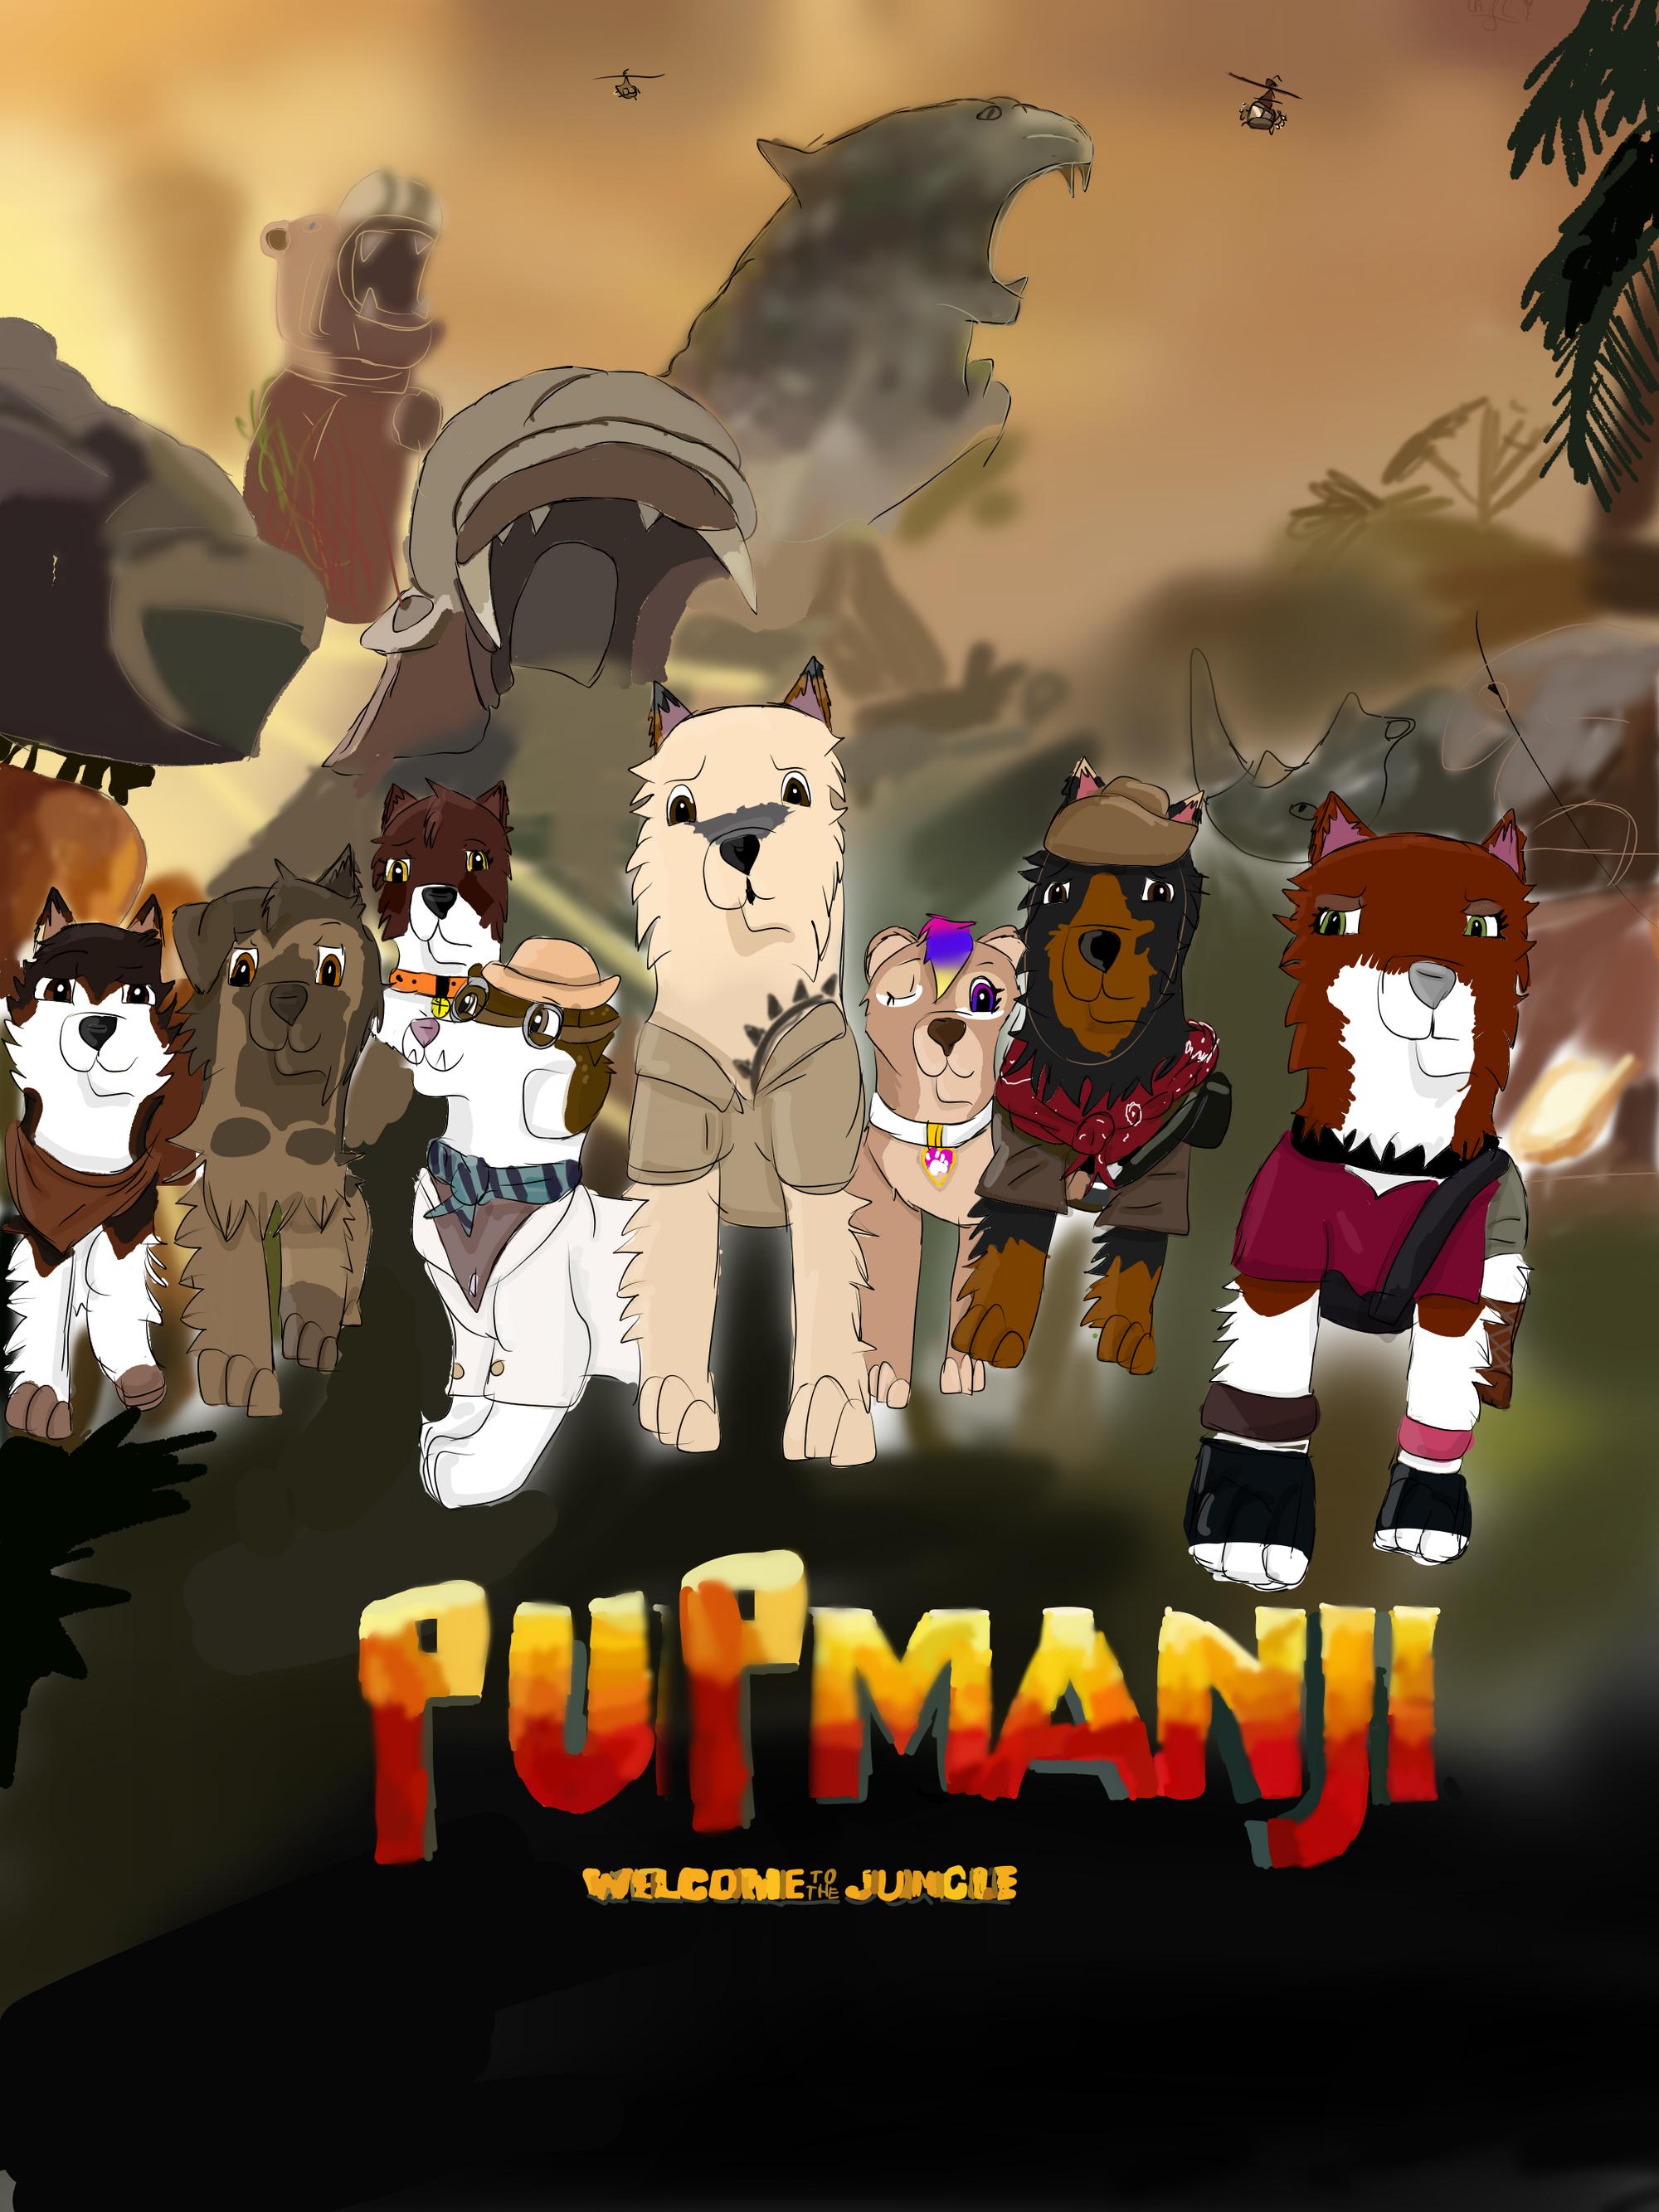 Psiumanji Witamy W Dżungli Psi Patrol Wymyślone Postacie